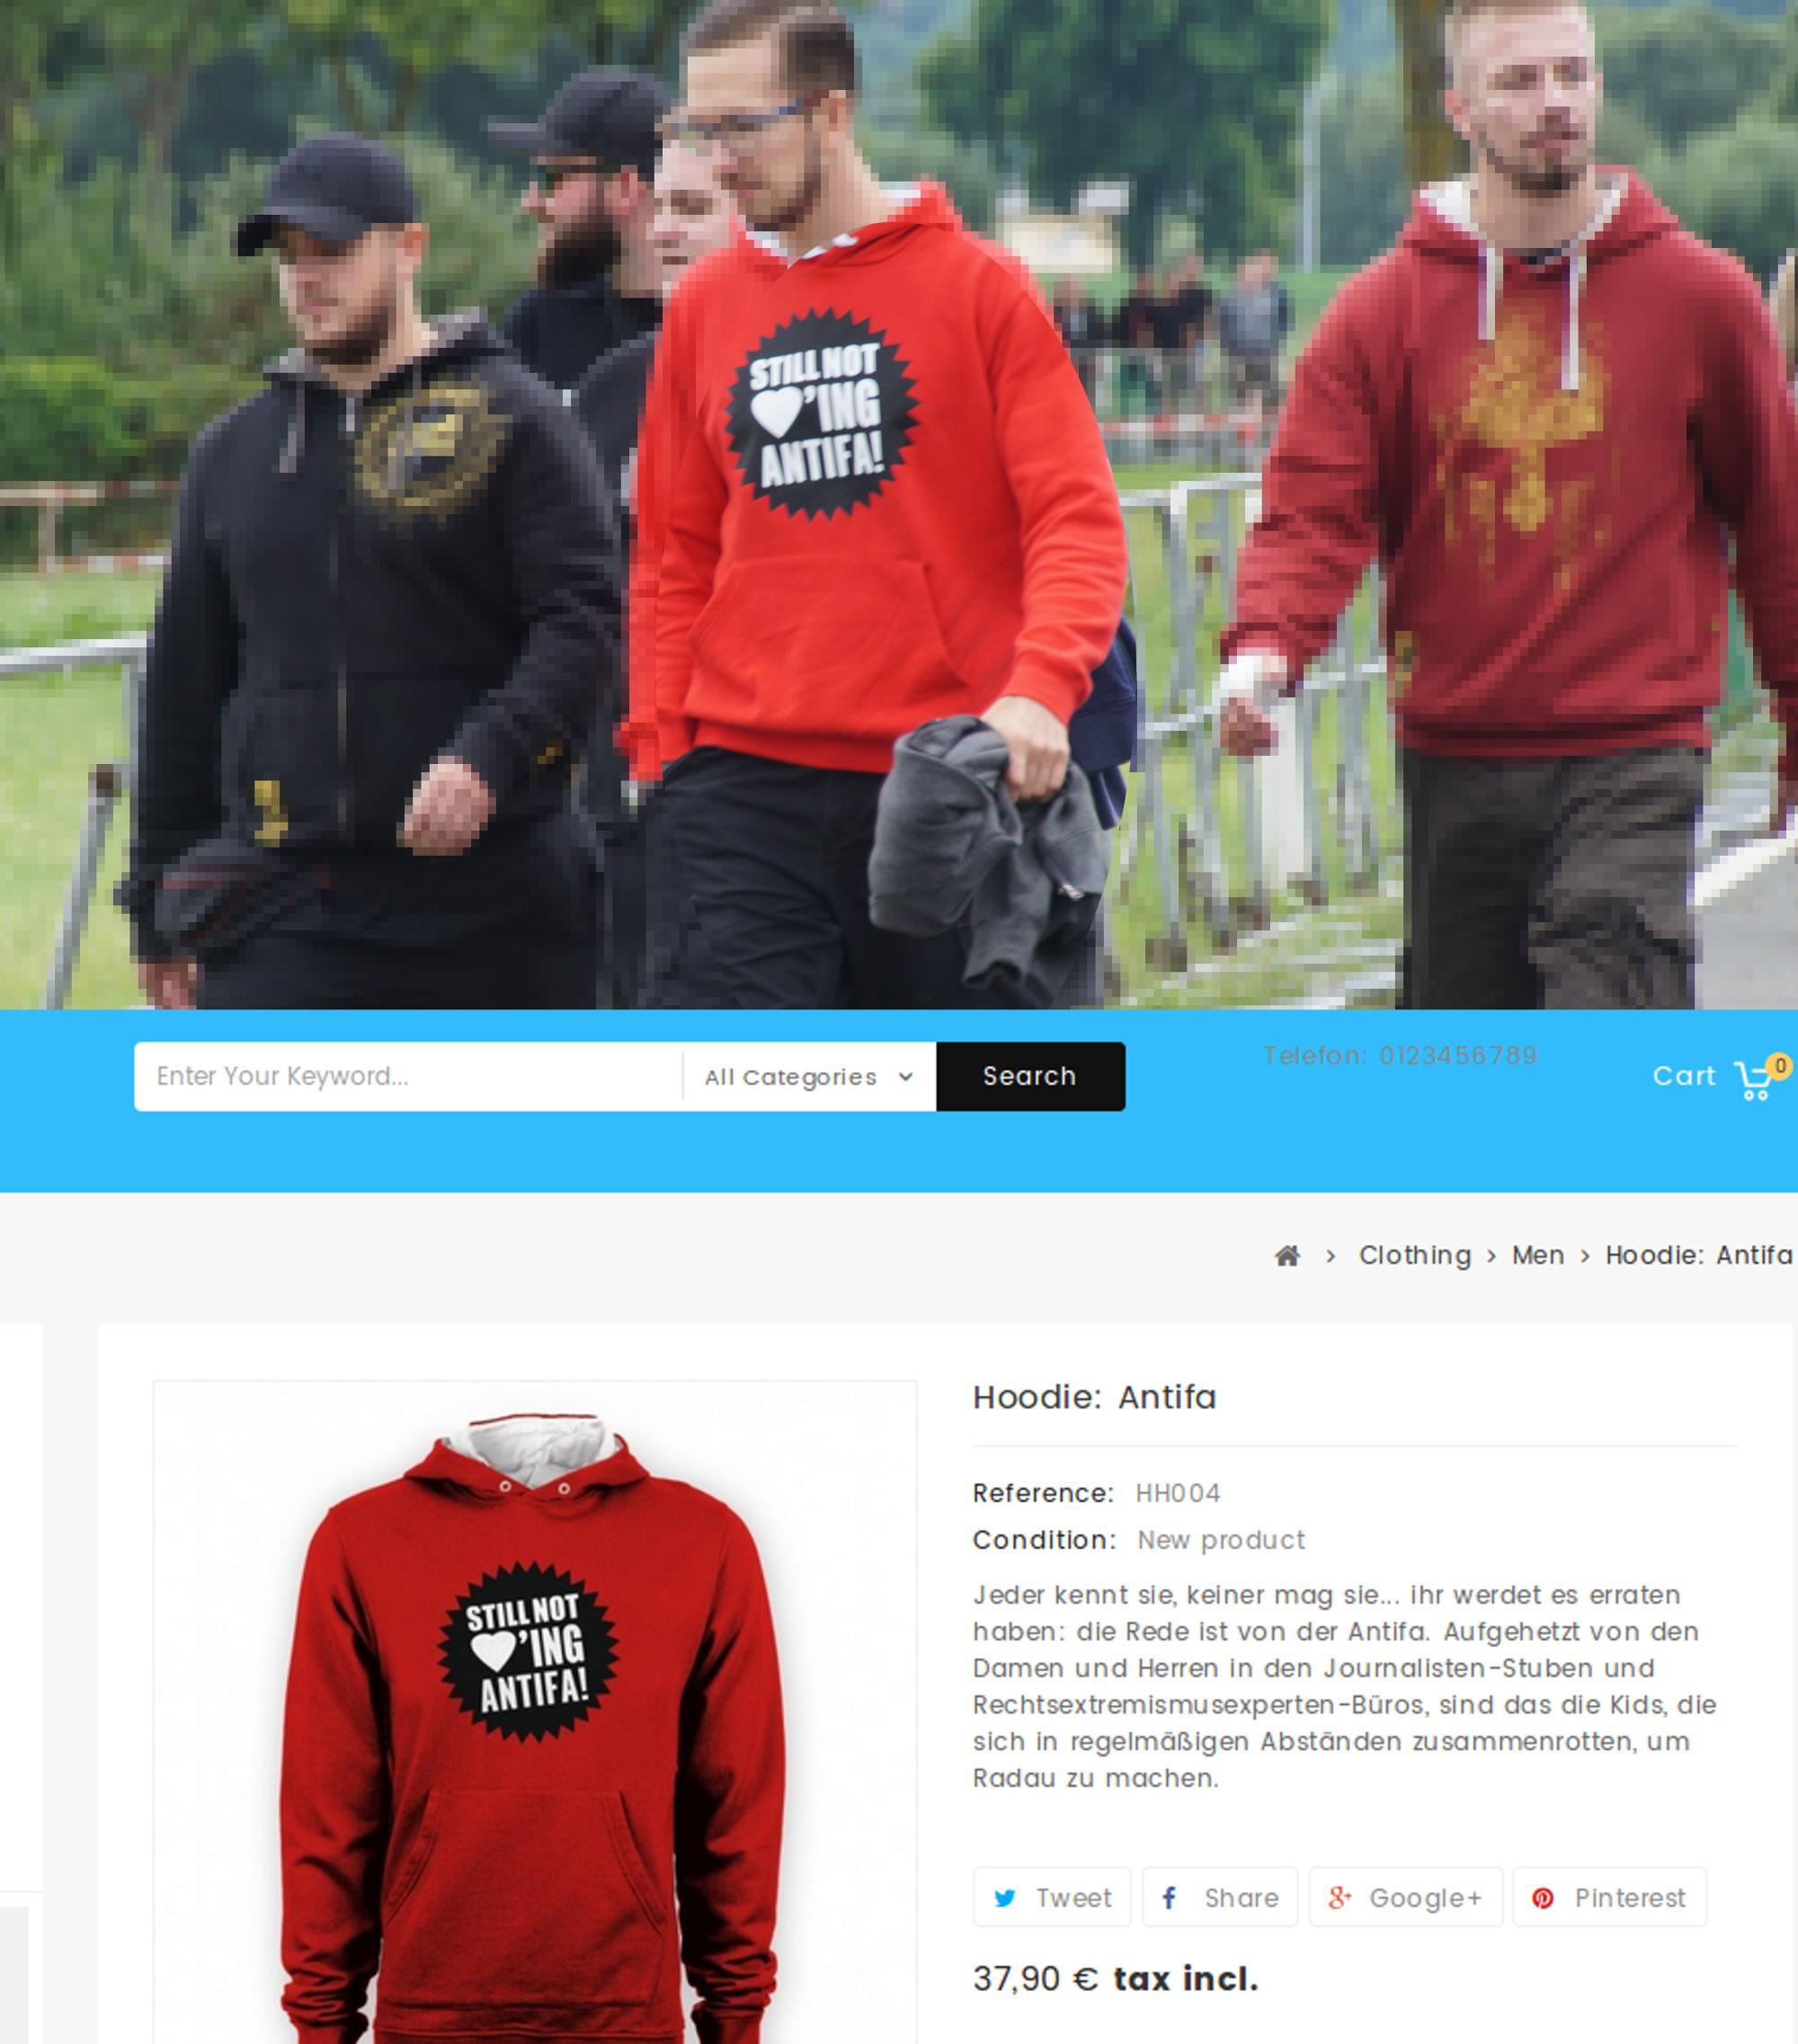 """Beispielfoto für die zunehmende Verbreitung von Merchandise aus dem """"Phalanx Europa""""-Versand - oben ein Foto von Themar im Juli 2017, unten der Pulli im Angebot des Phalanx-Versands"""